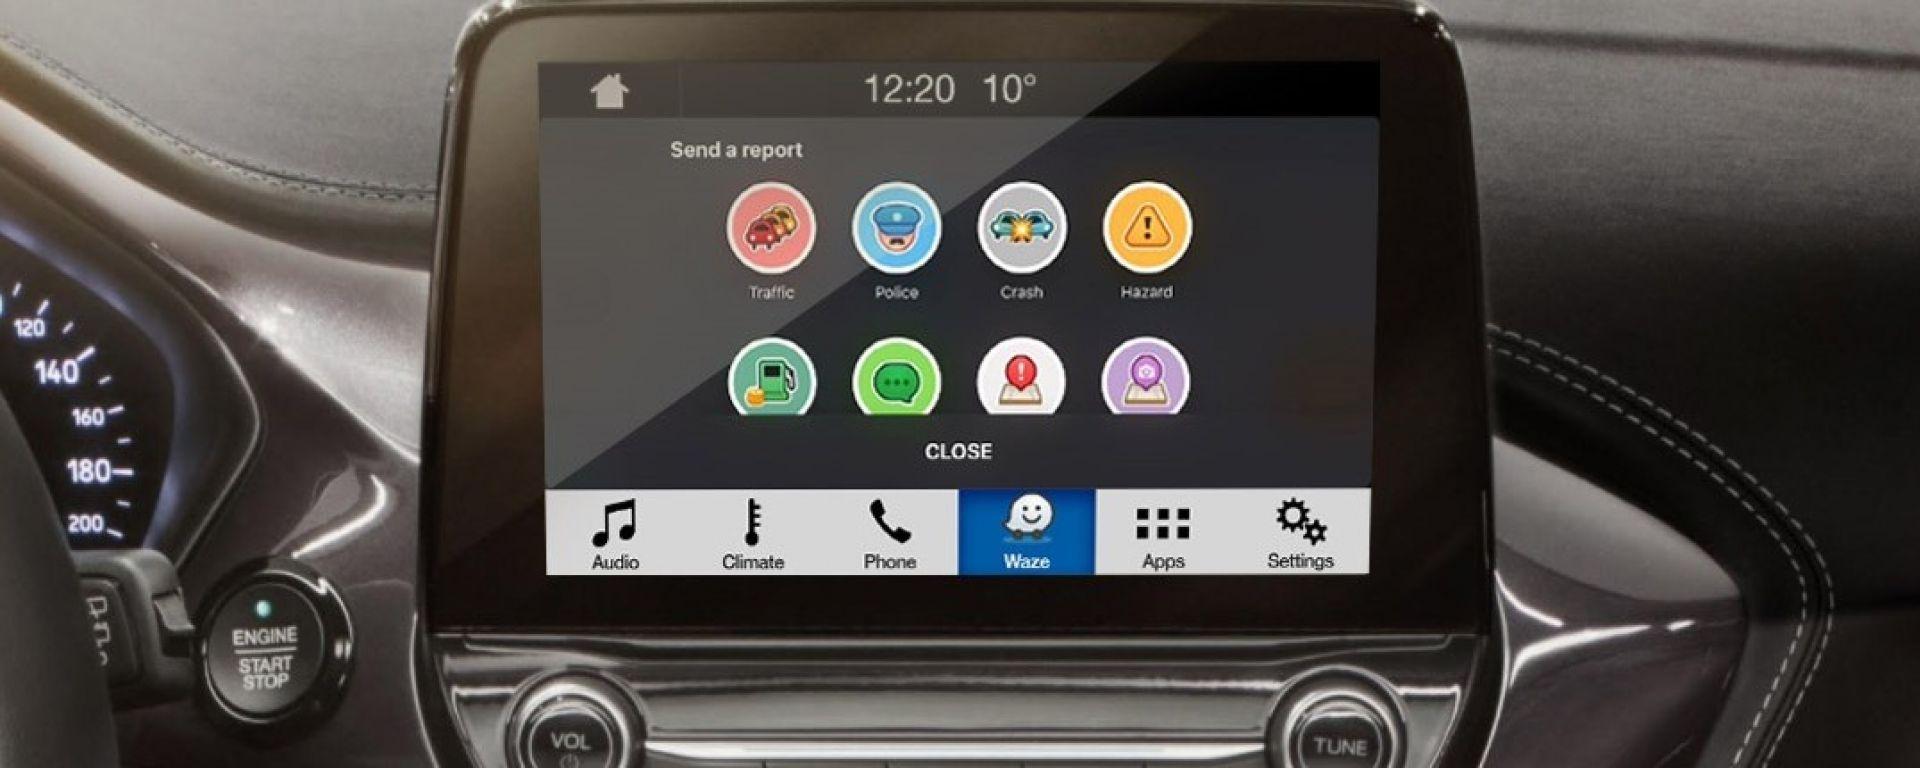 Waze su Ford SYNC 3 e AppLink a partire da aprile 2018